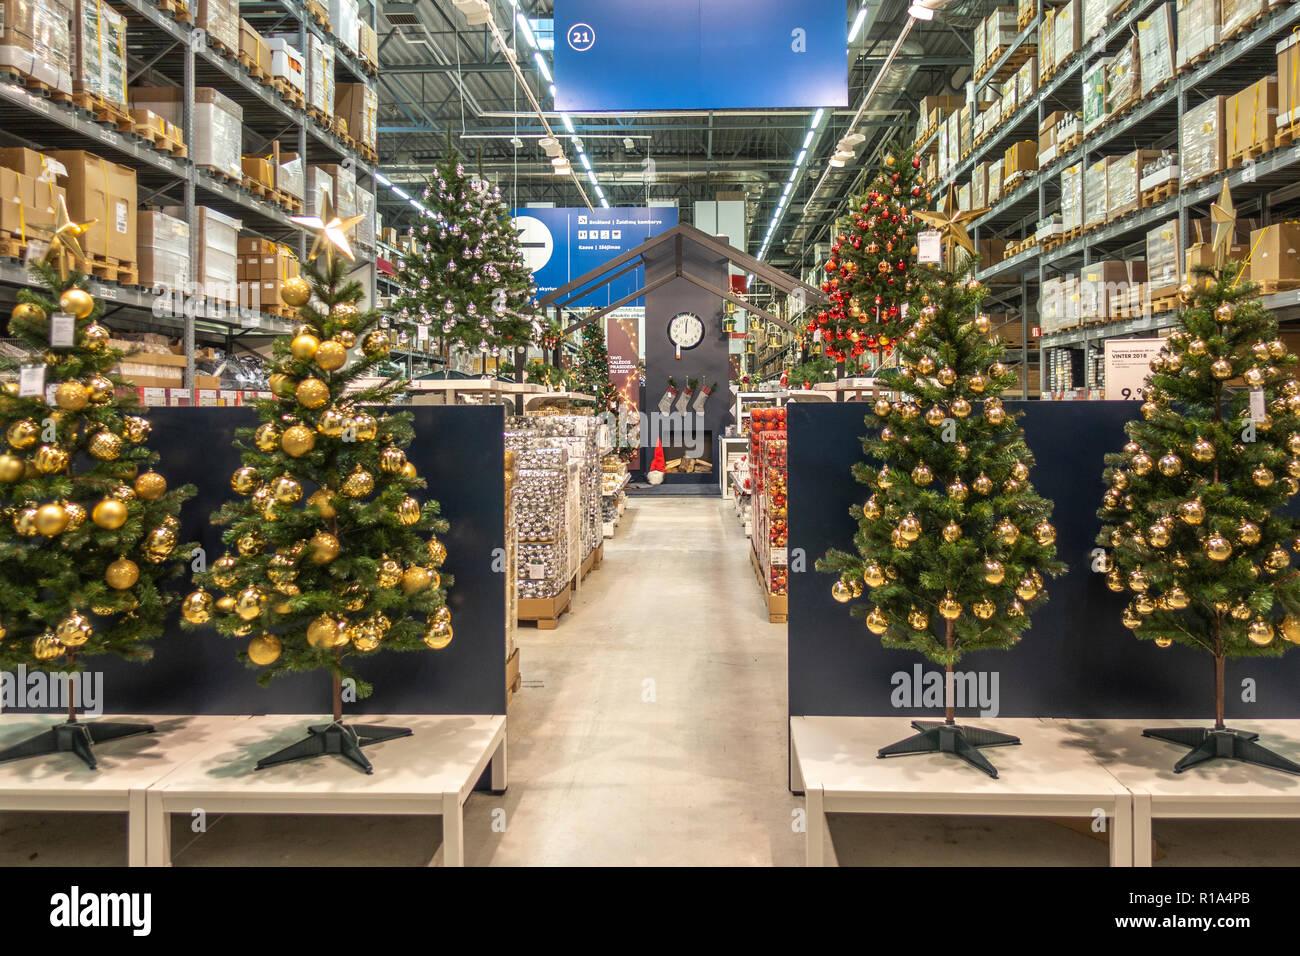 La Nuova Collezione Di Natale Decorazioni Presenti In